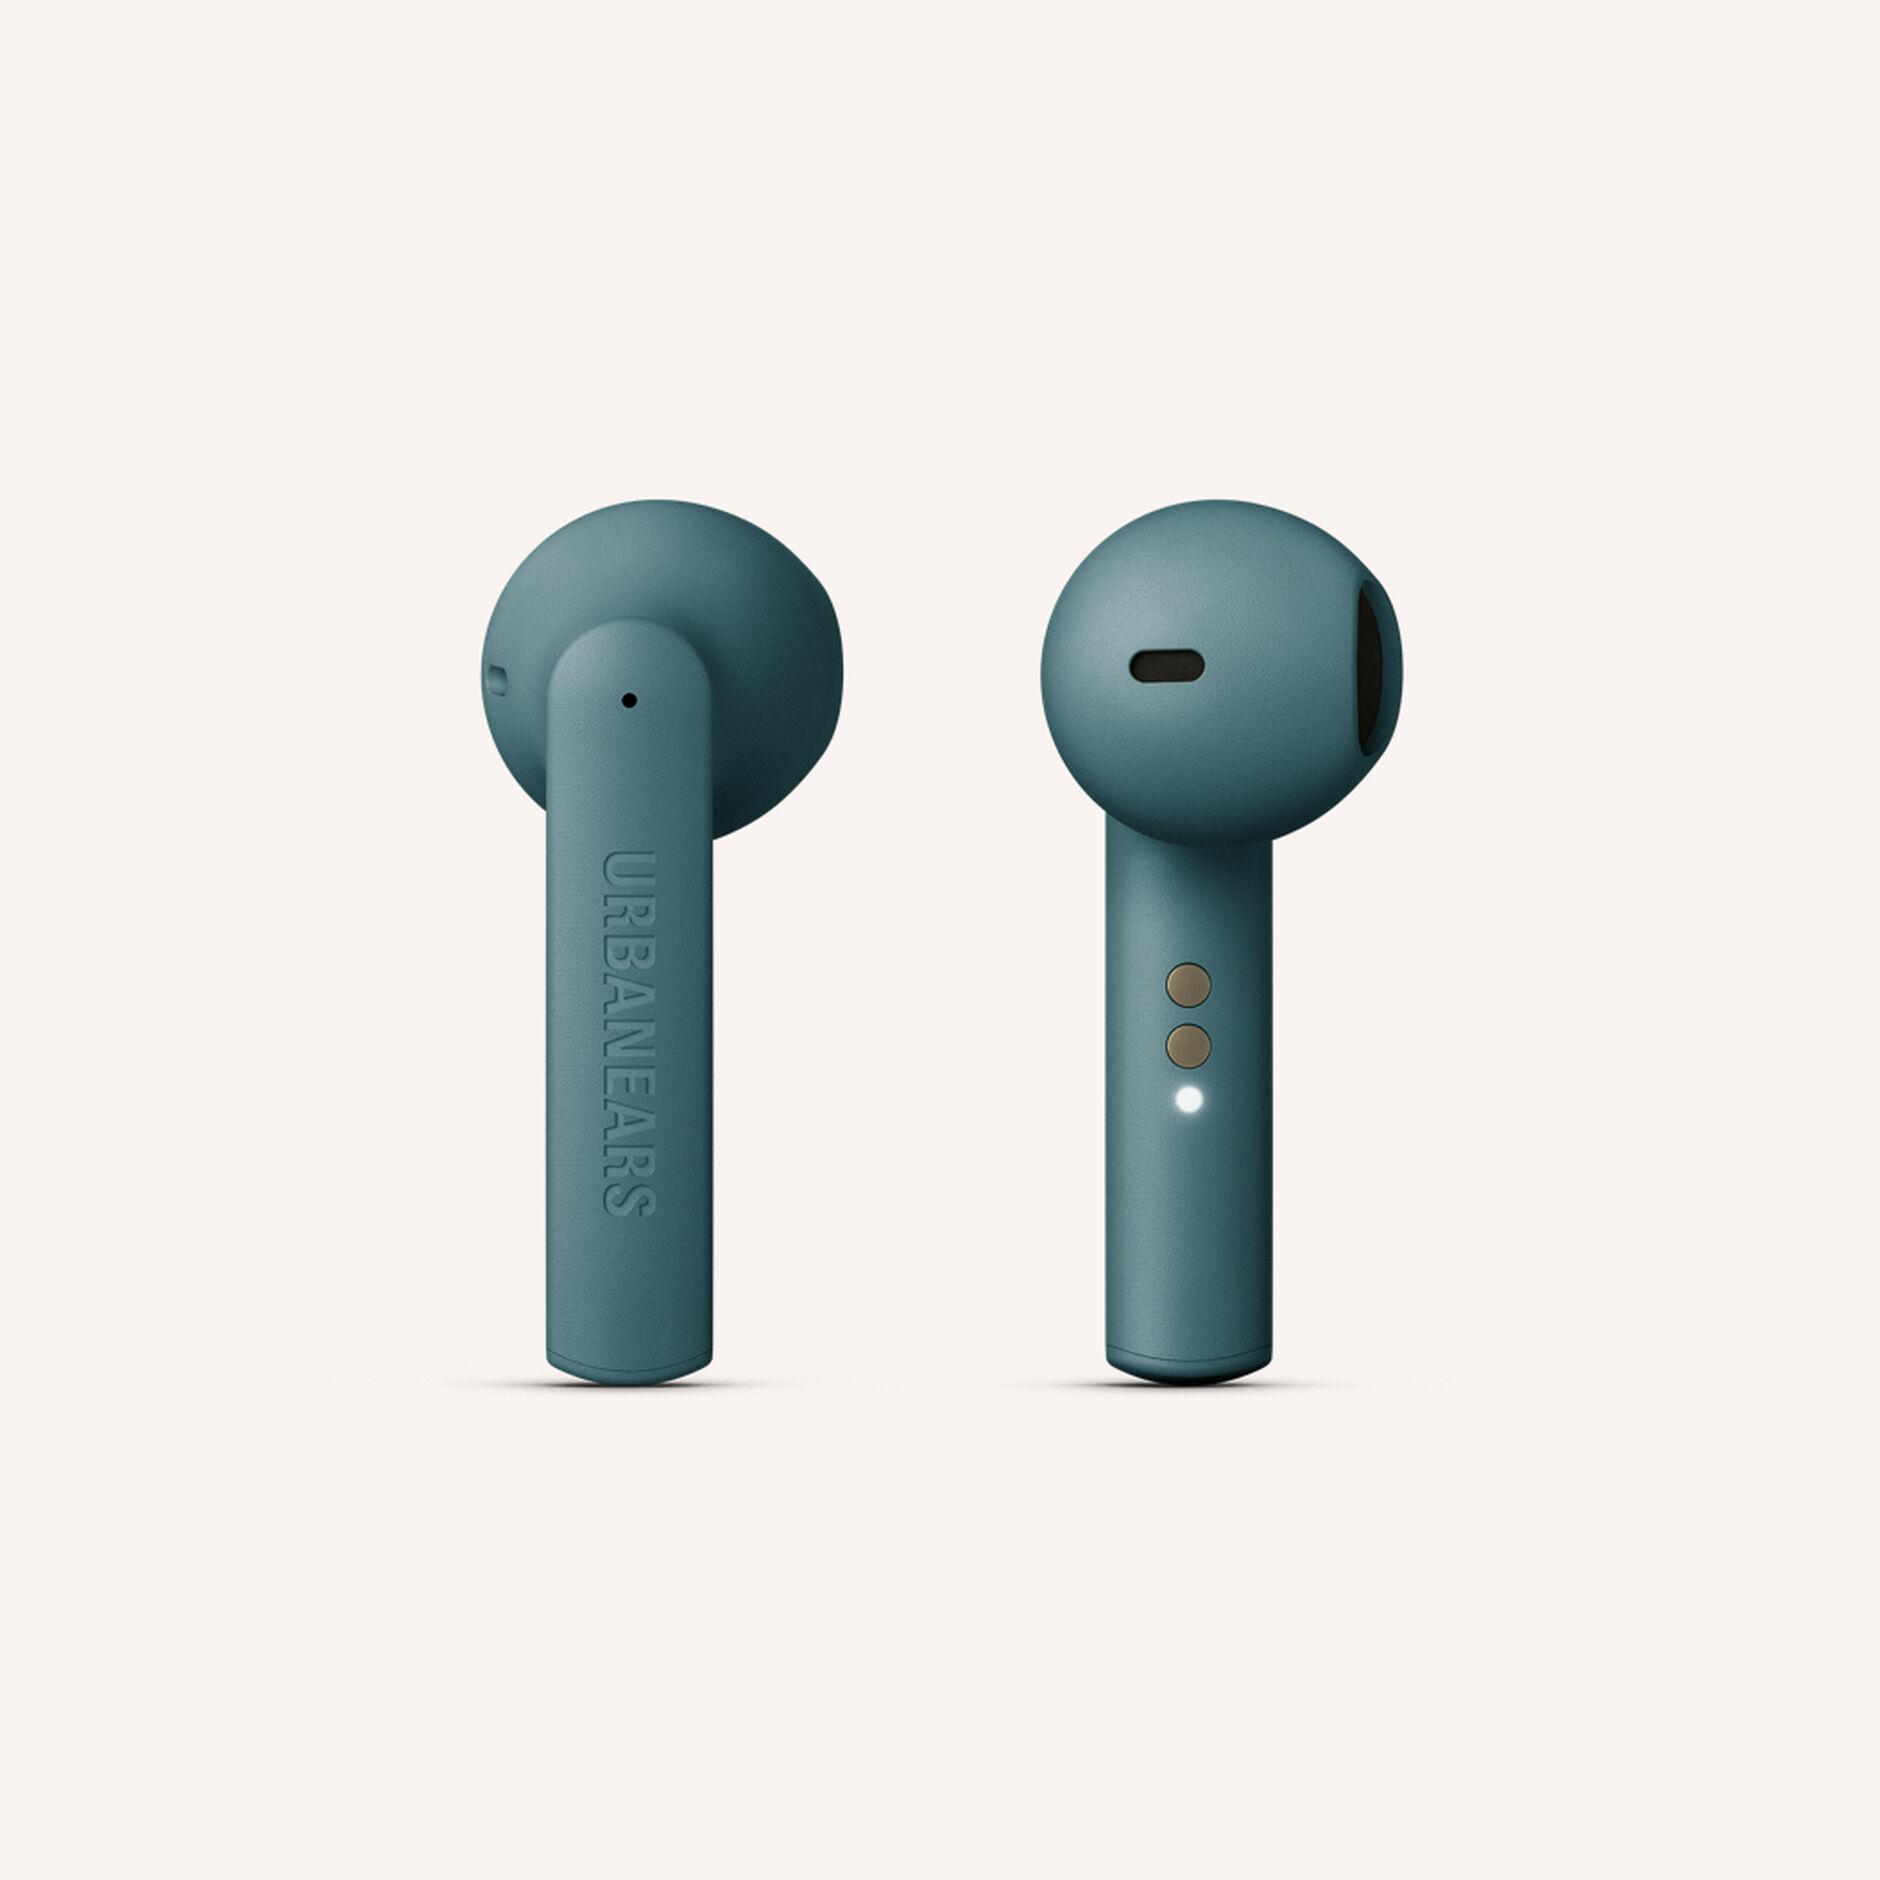 Urbanears Luna Wireless Earbuds - Teal Green